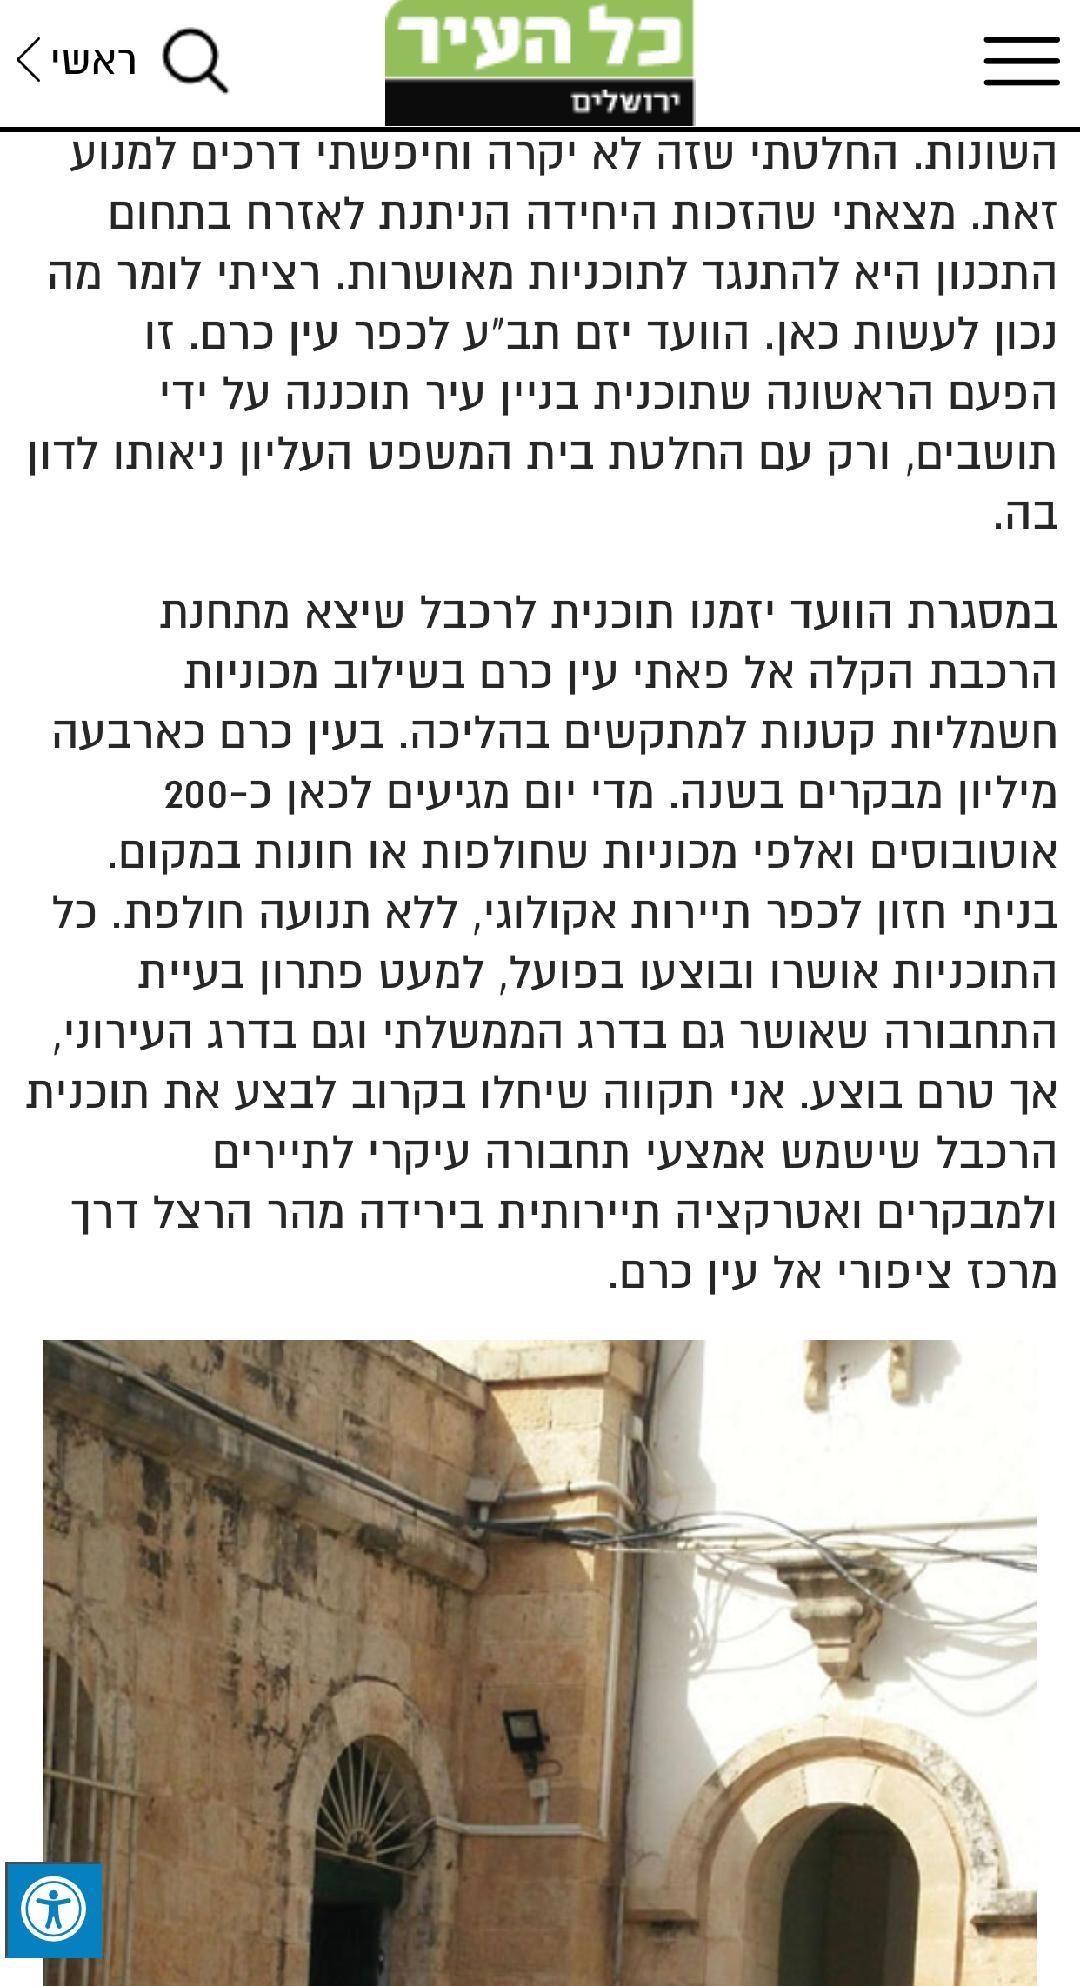 כל העיר ממליץ על סיורים בירושלים איתנו